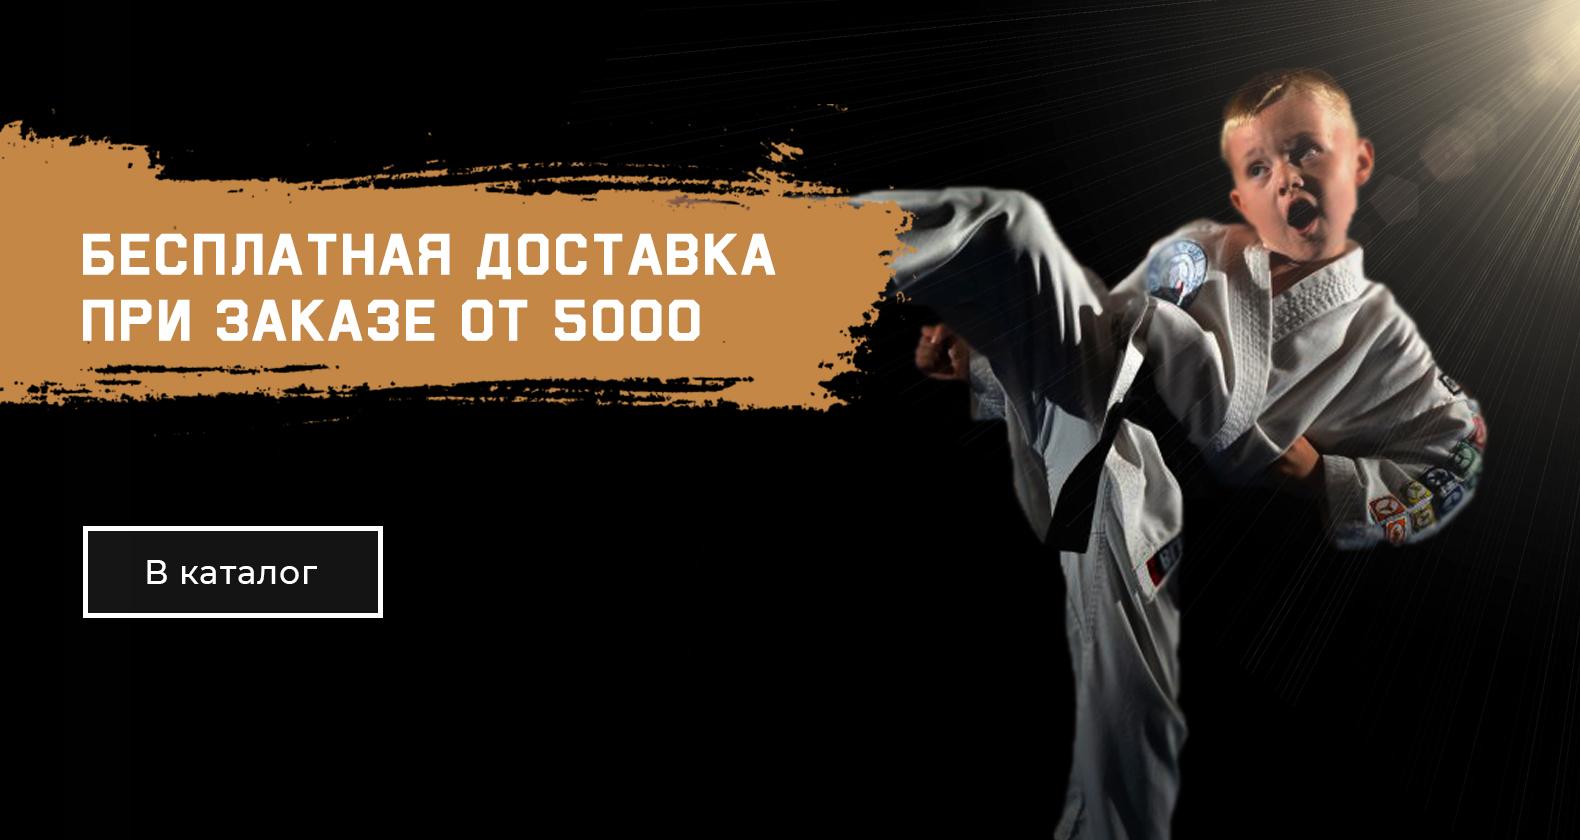 Бесплатная доставка от 5 000 рублей!